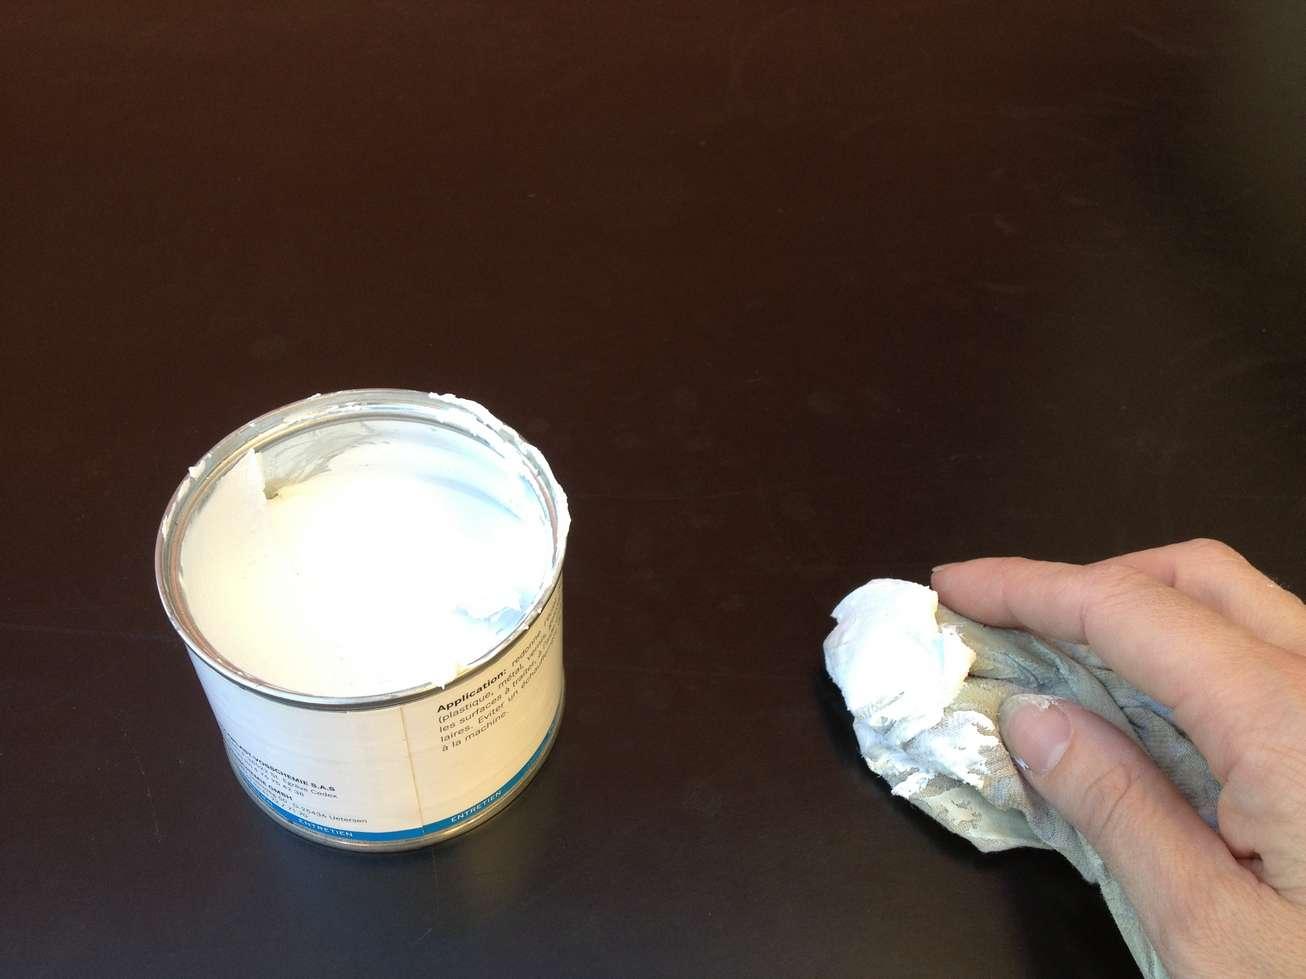 pate-polir-mobilier-table-resine-galerie-kreo-polish-art-restauration-restaurarte.jpg